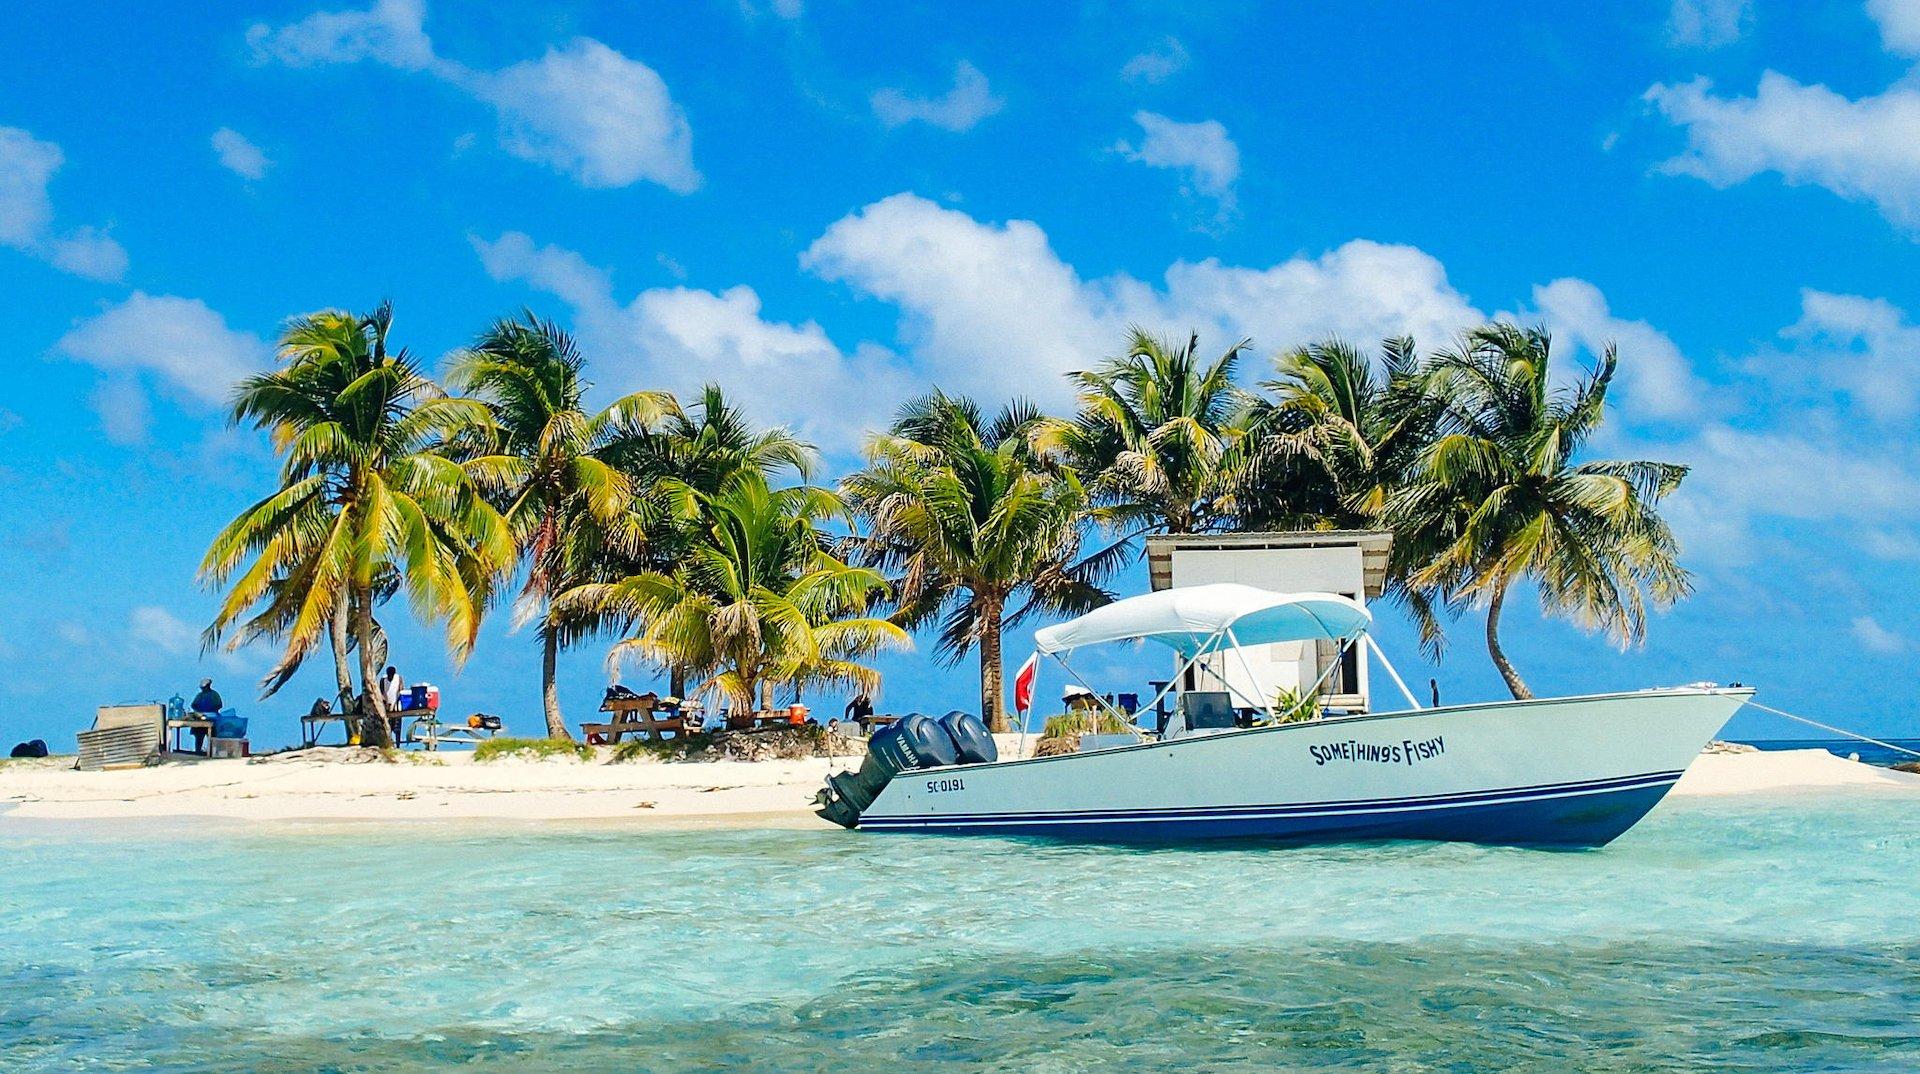 5 destinos de aventura en Belice | Conocedores.com — Conocedores.com